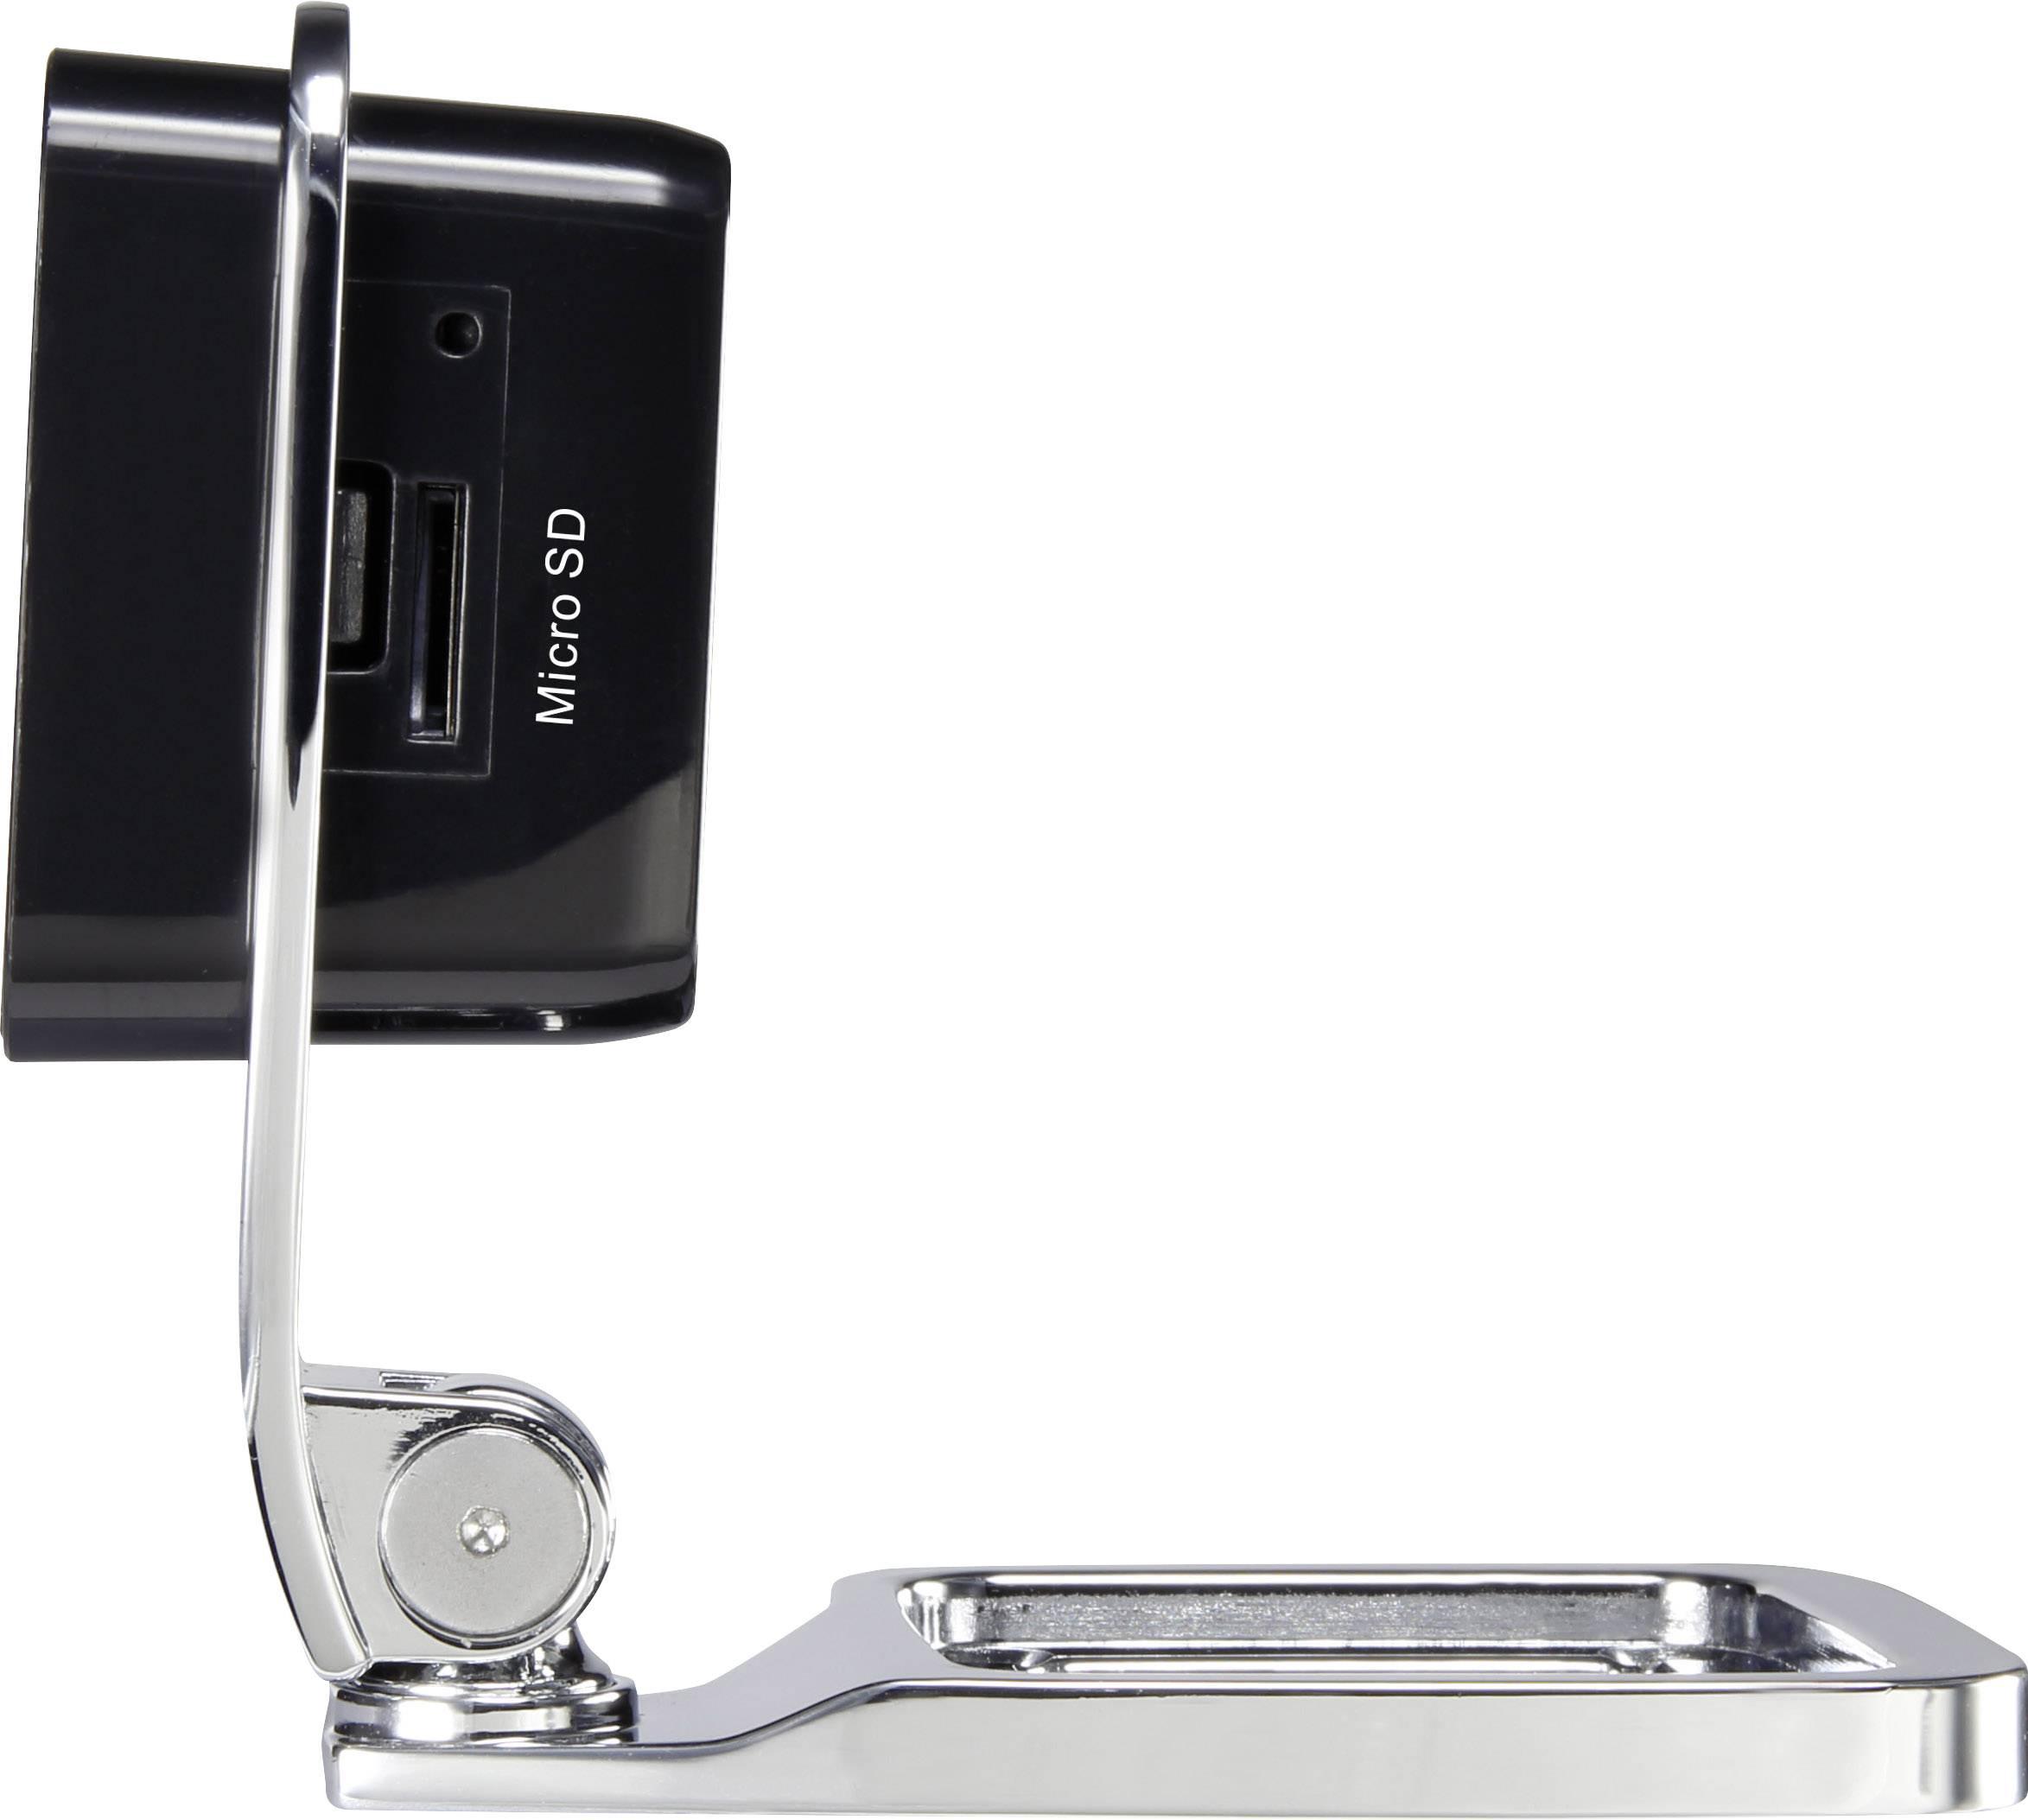 Chytrá bezpečnostní kamera Sygonix WF-90, Wi-Fi, 1280 x 720 pix